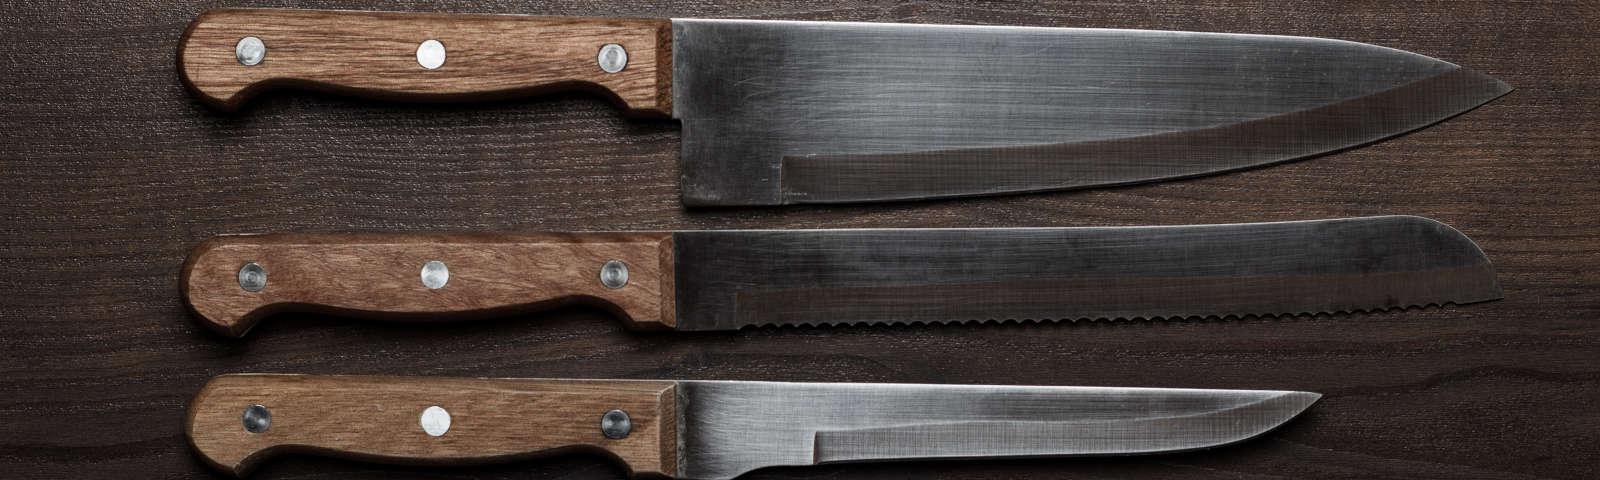 фото кухоных ножей